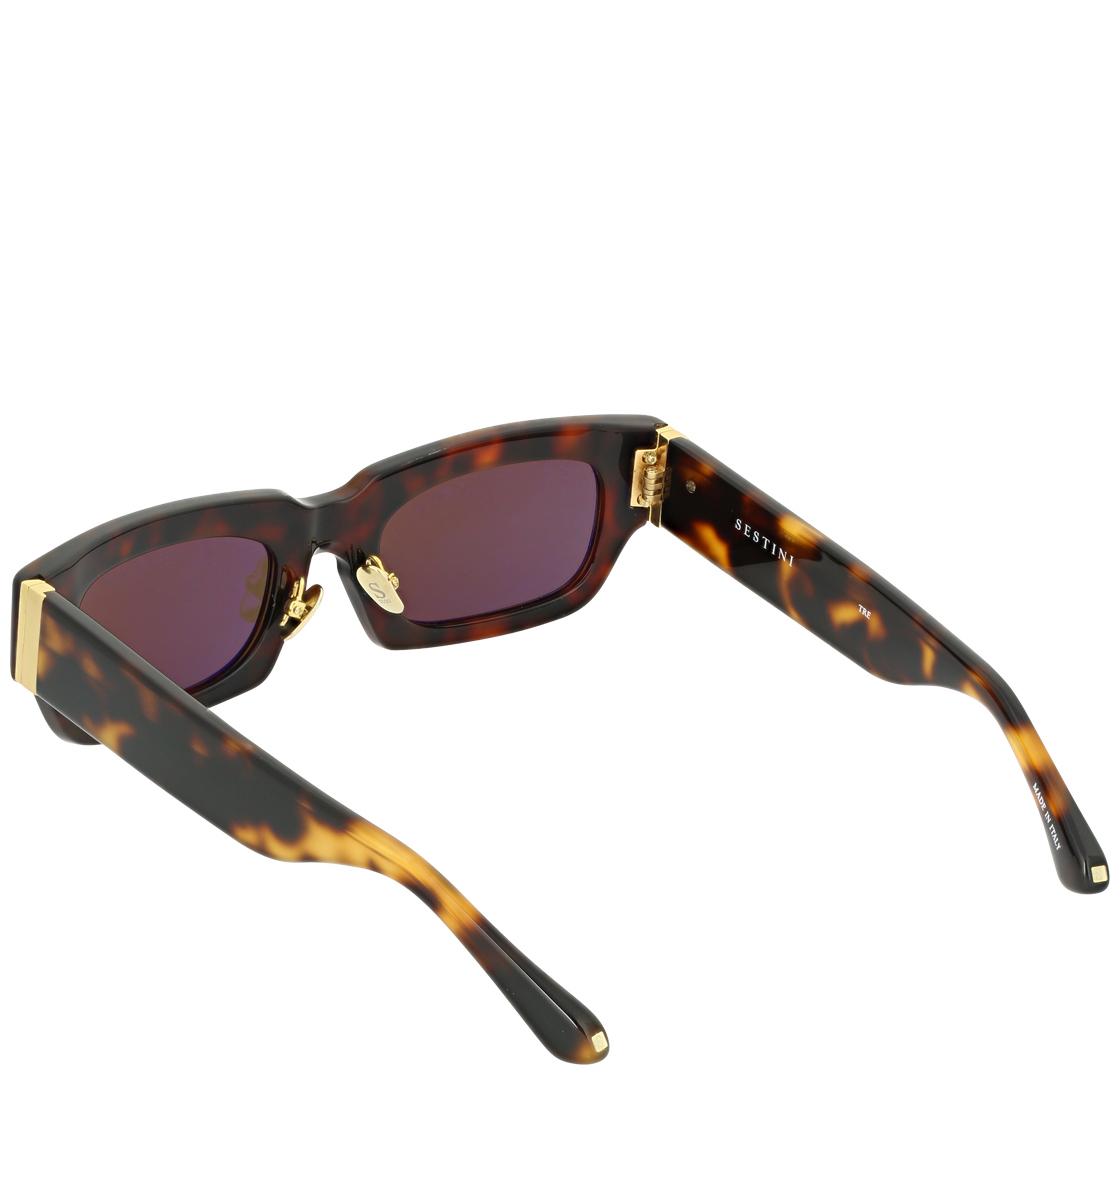 TRE - Sestini Eyewear